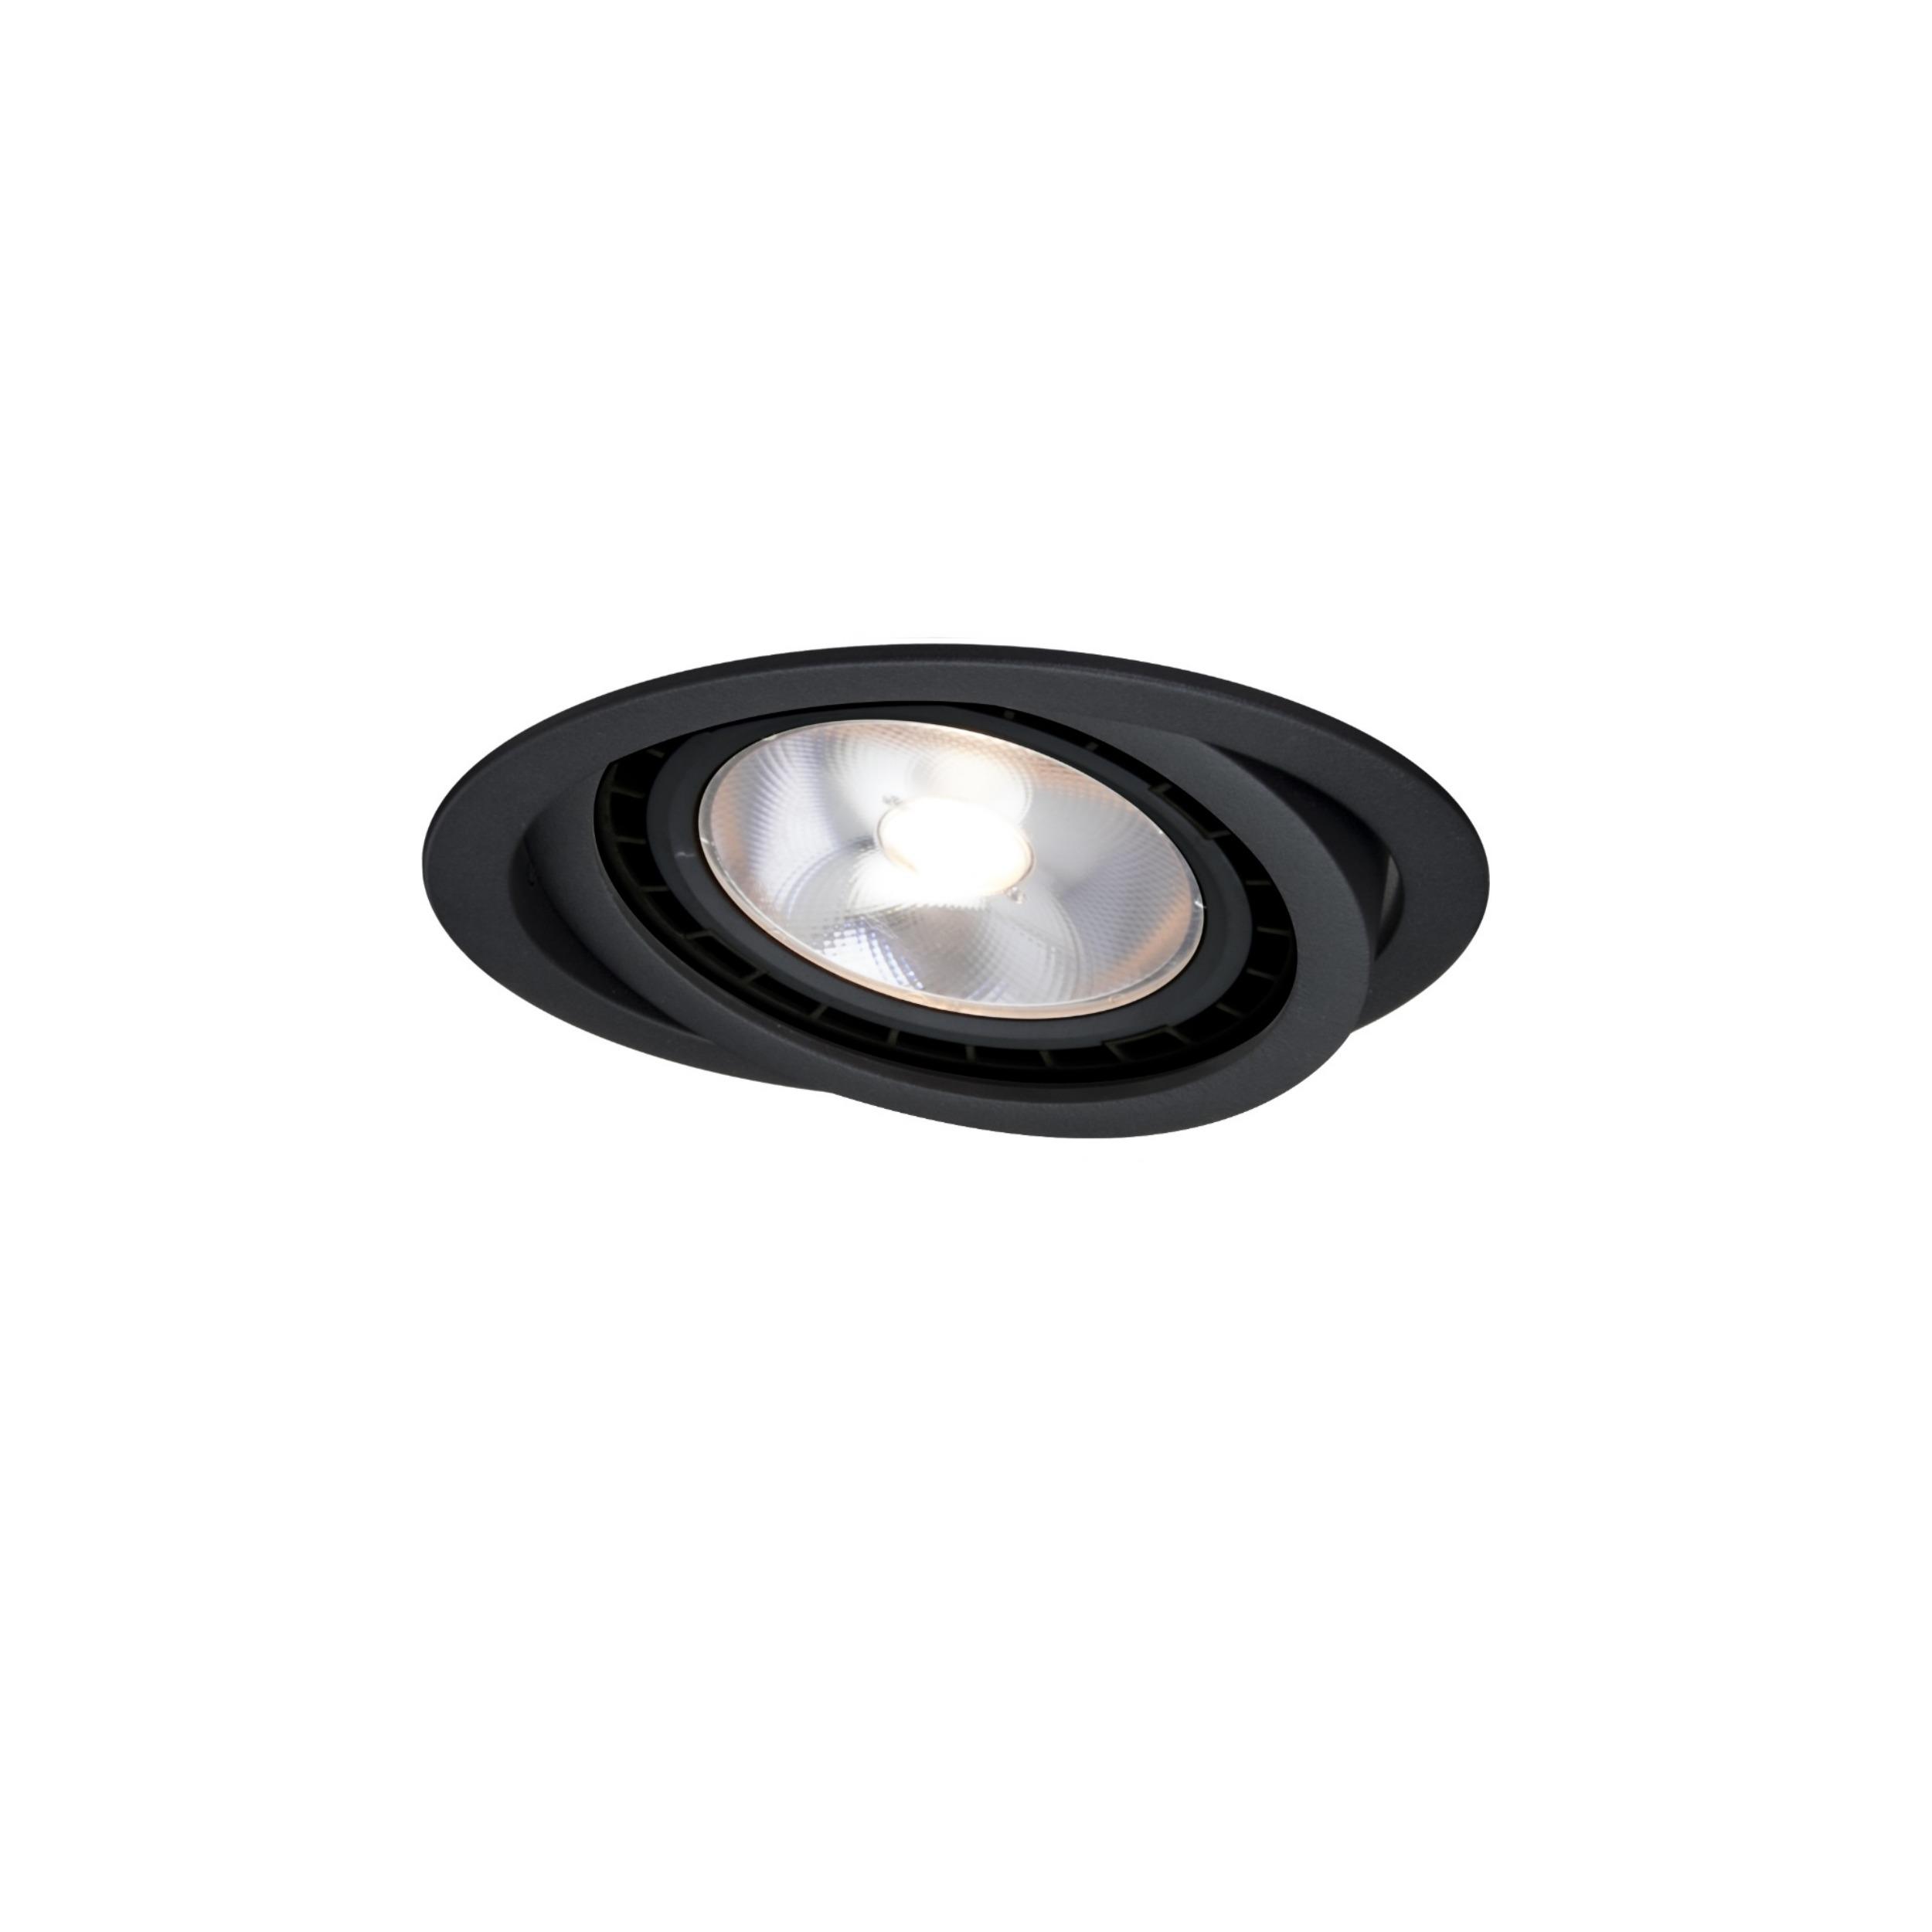 Oczko ruchome Nero czarne LP-4424/1RS BK movable - Light Prestige // Rabaty w koszyku i darmowa dostawa od 299zł !